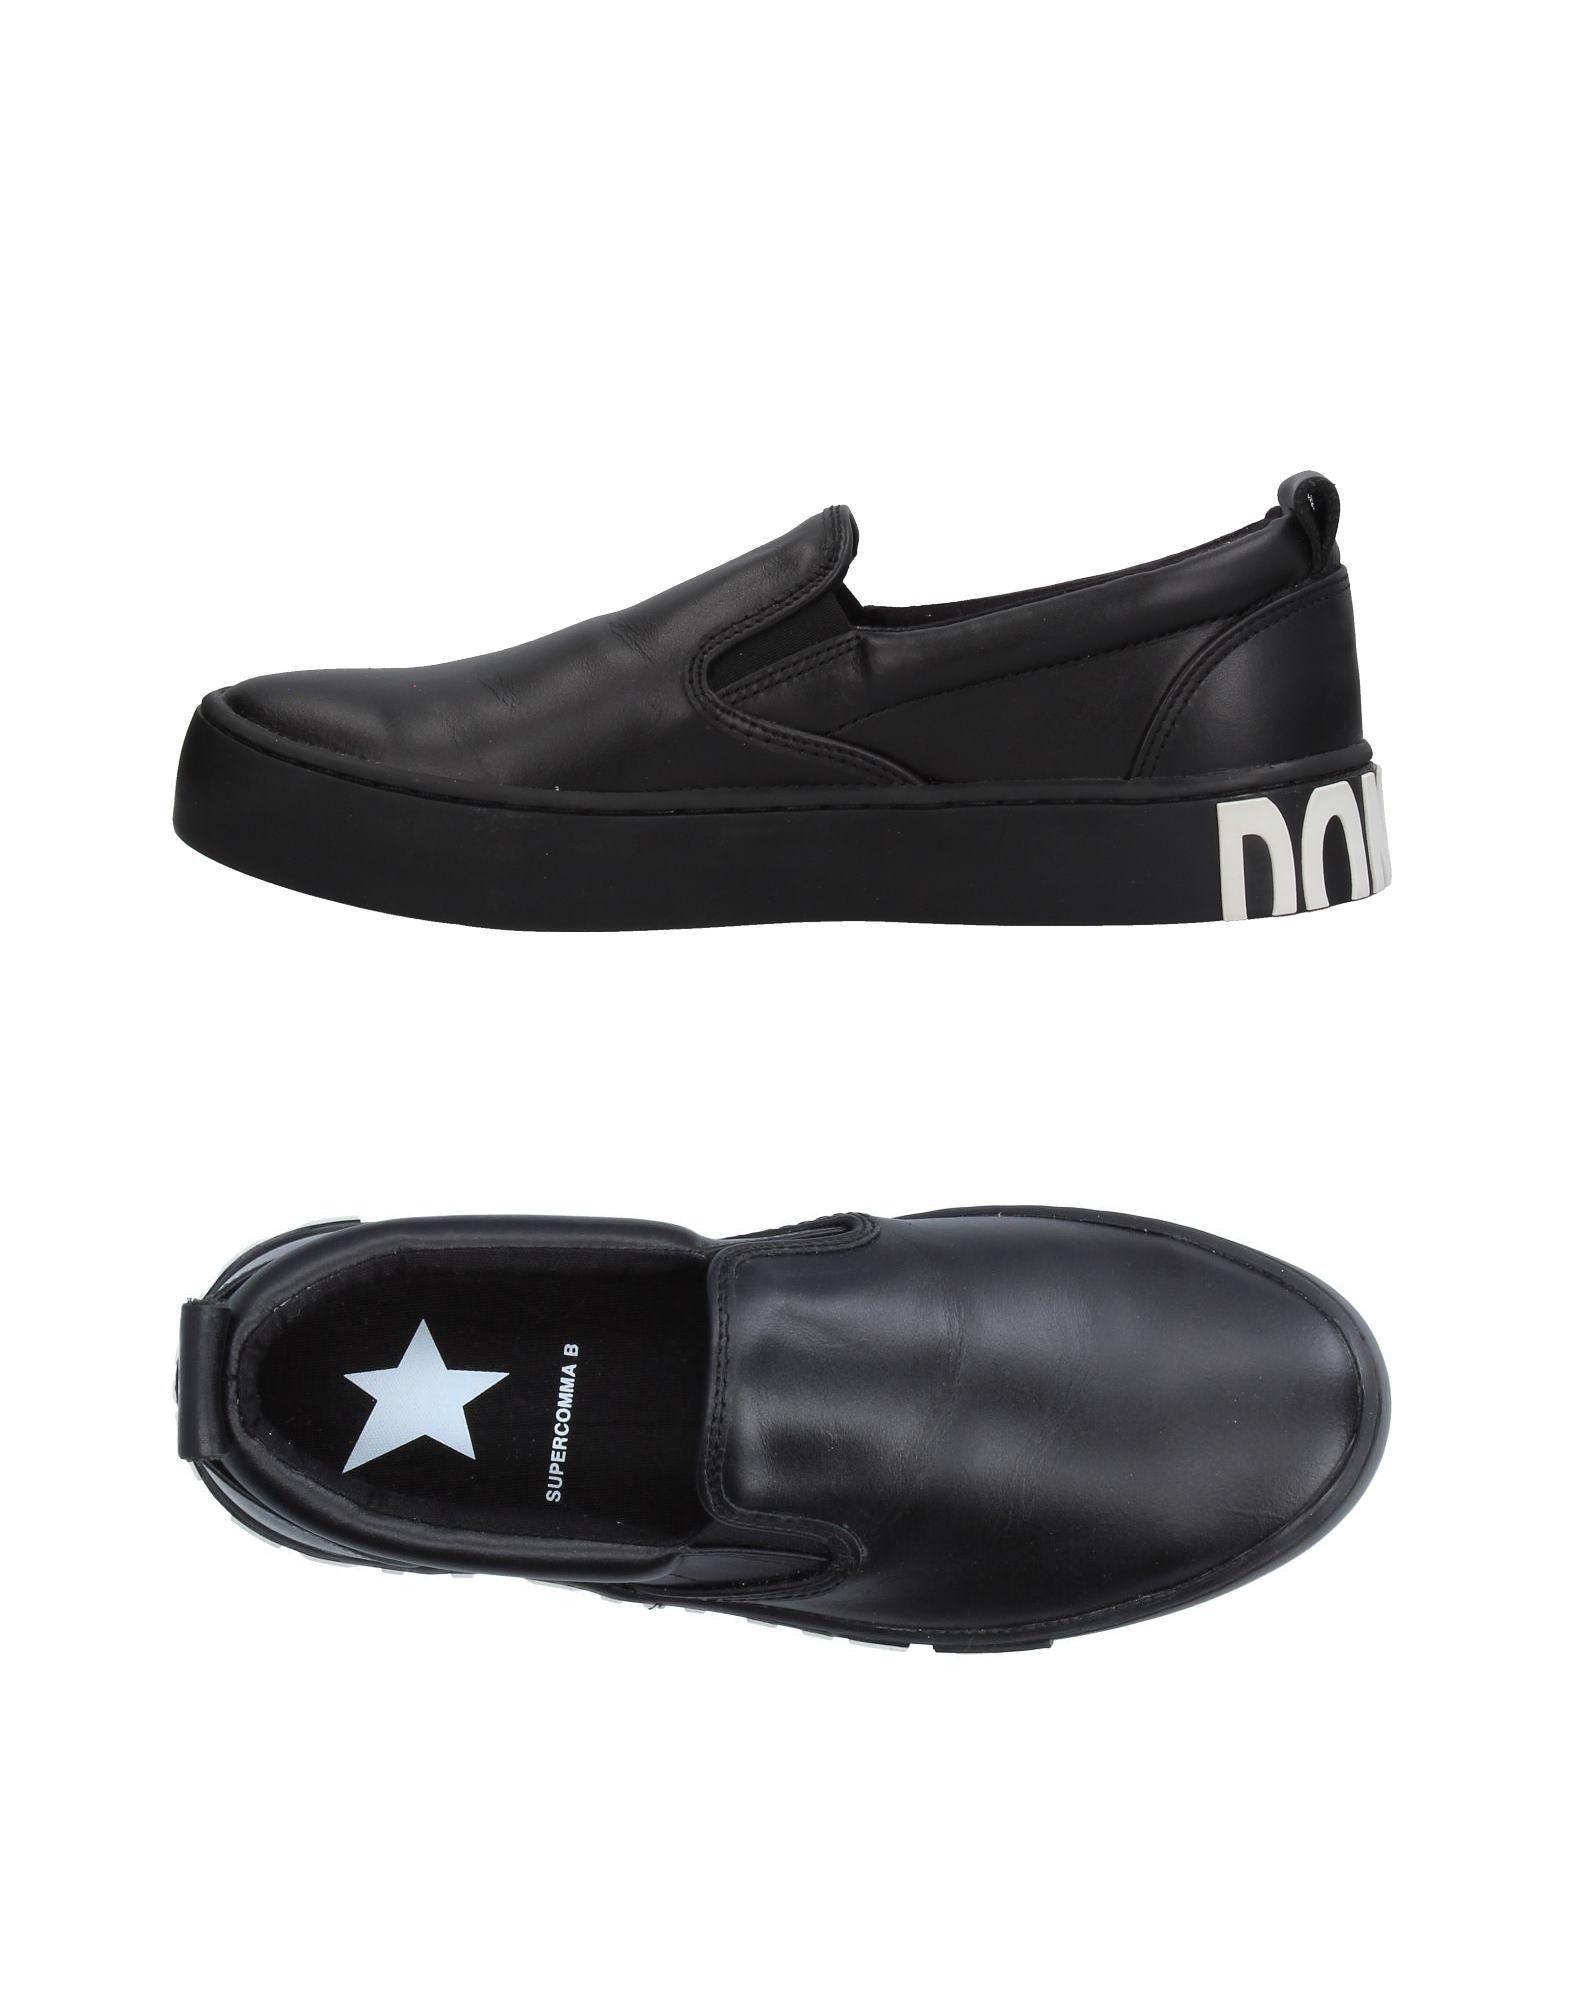 Sneakers Supercomma B Femme - Sneakers Supercomma B sur